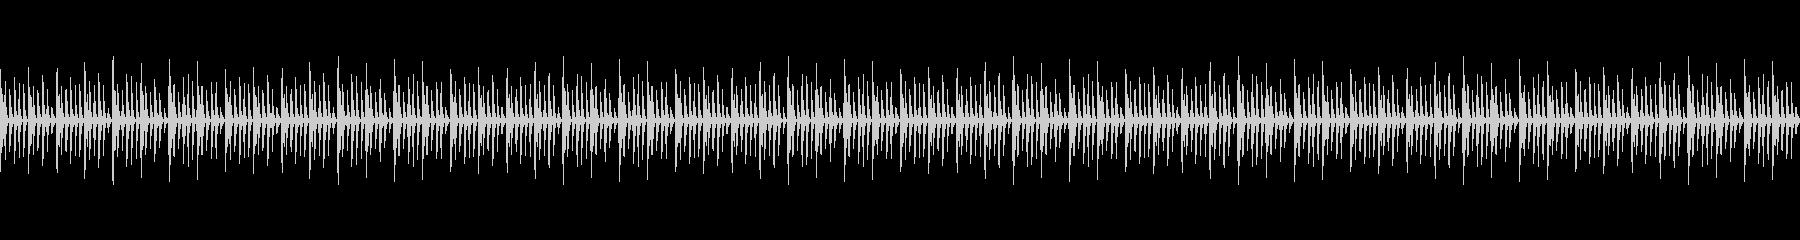 のんびりとしたBGM 日常・ほのぼのの未再生の波形